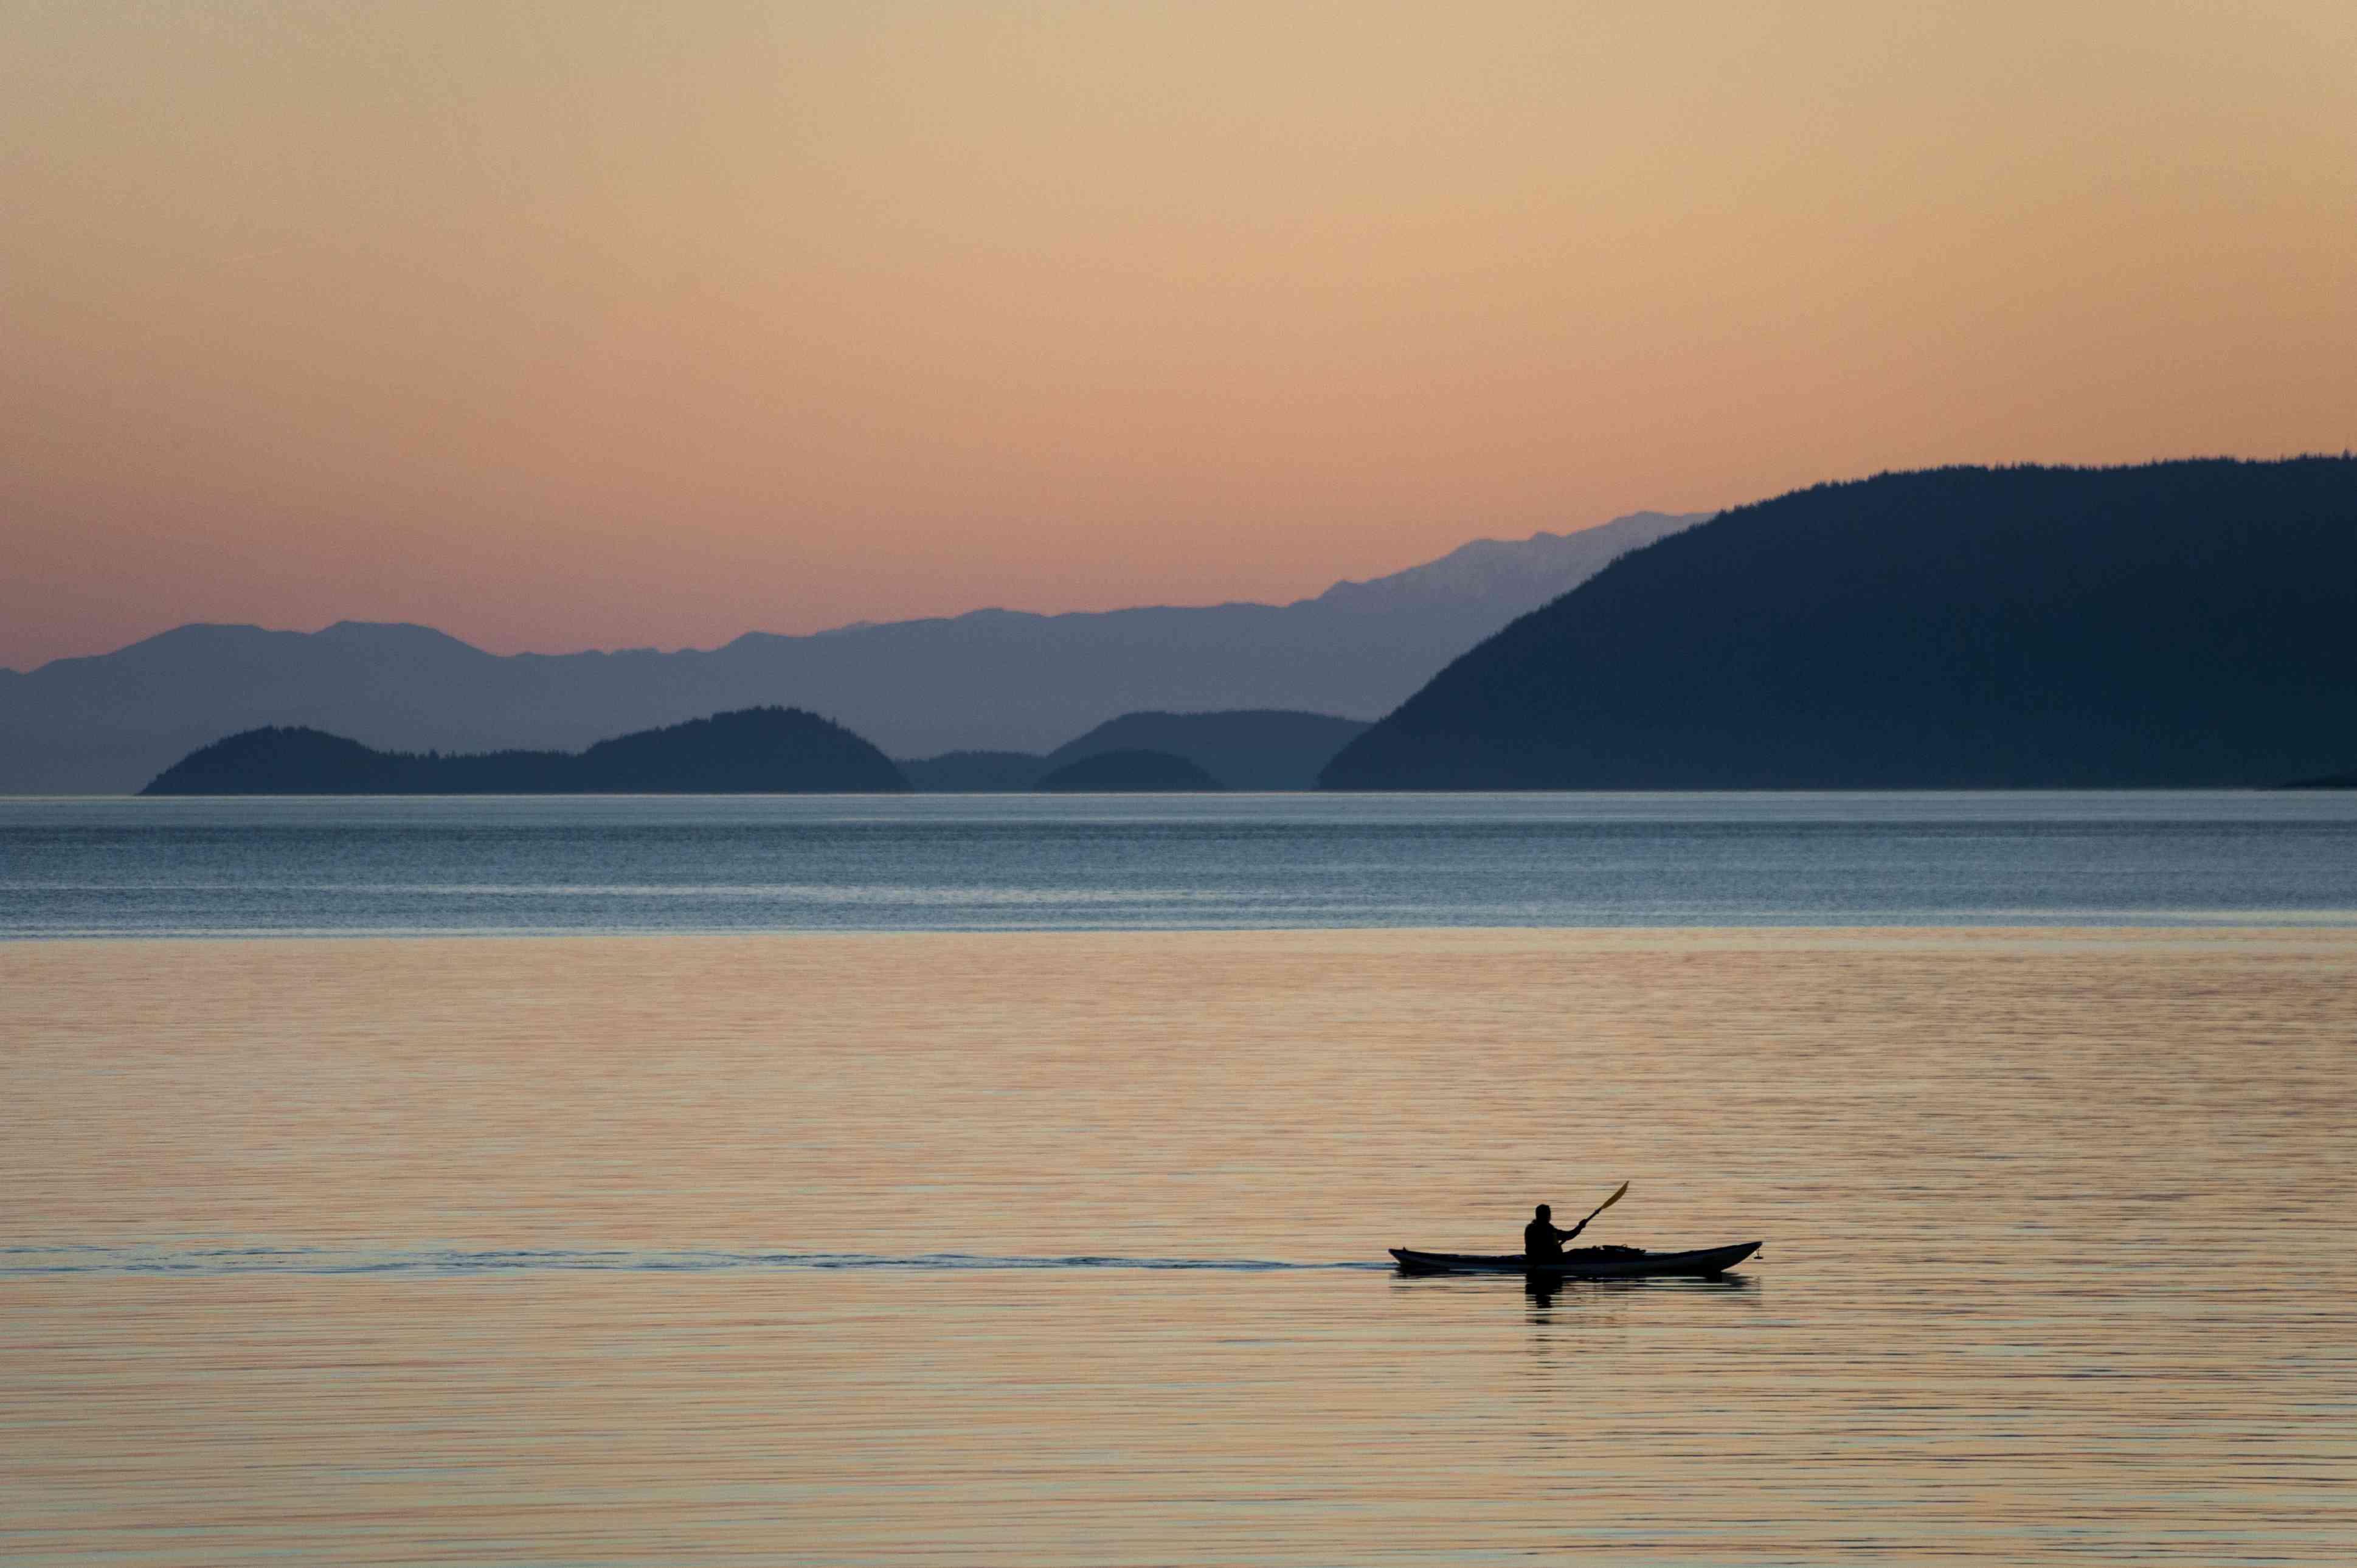 Kayaking at Sunset Through the San Juan Islands of Washington State.